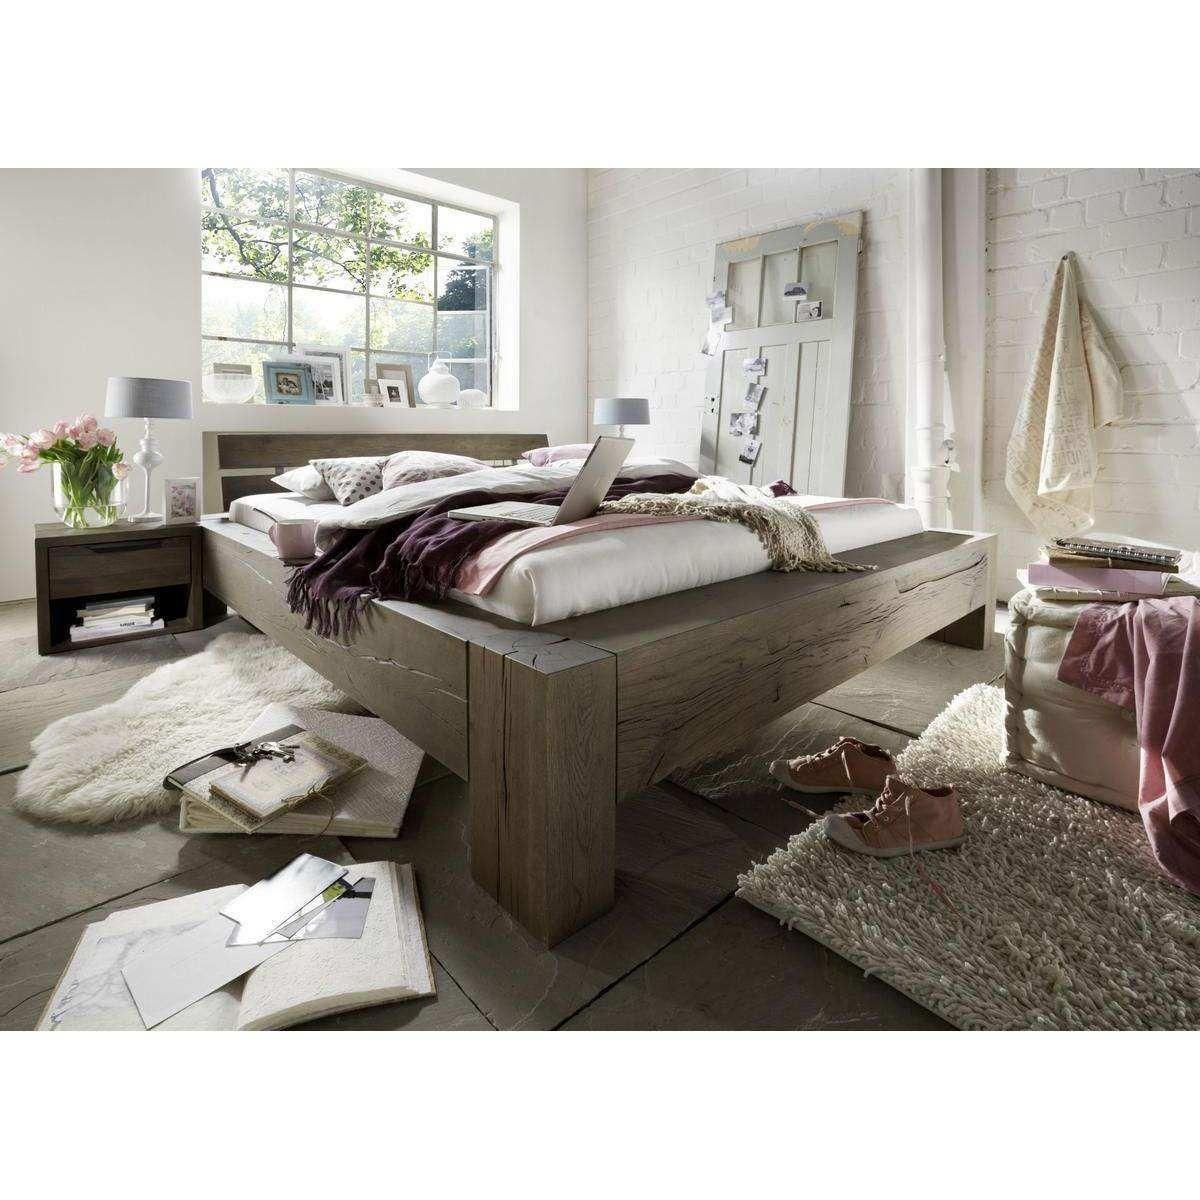 Pin Von Jessica Fernandez Auf Haus Phase 2 Haus Deko Bett Zimmer